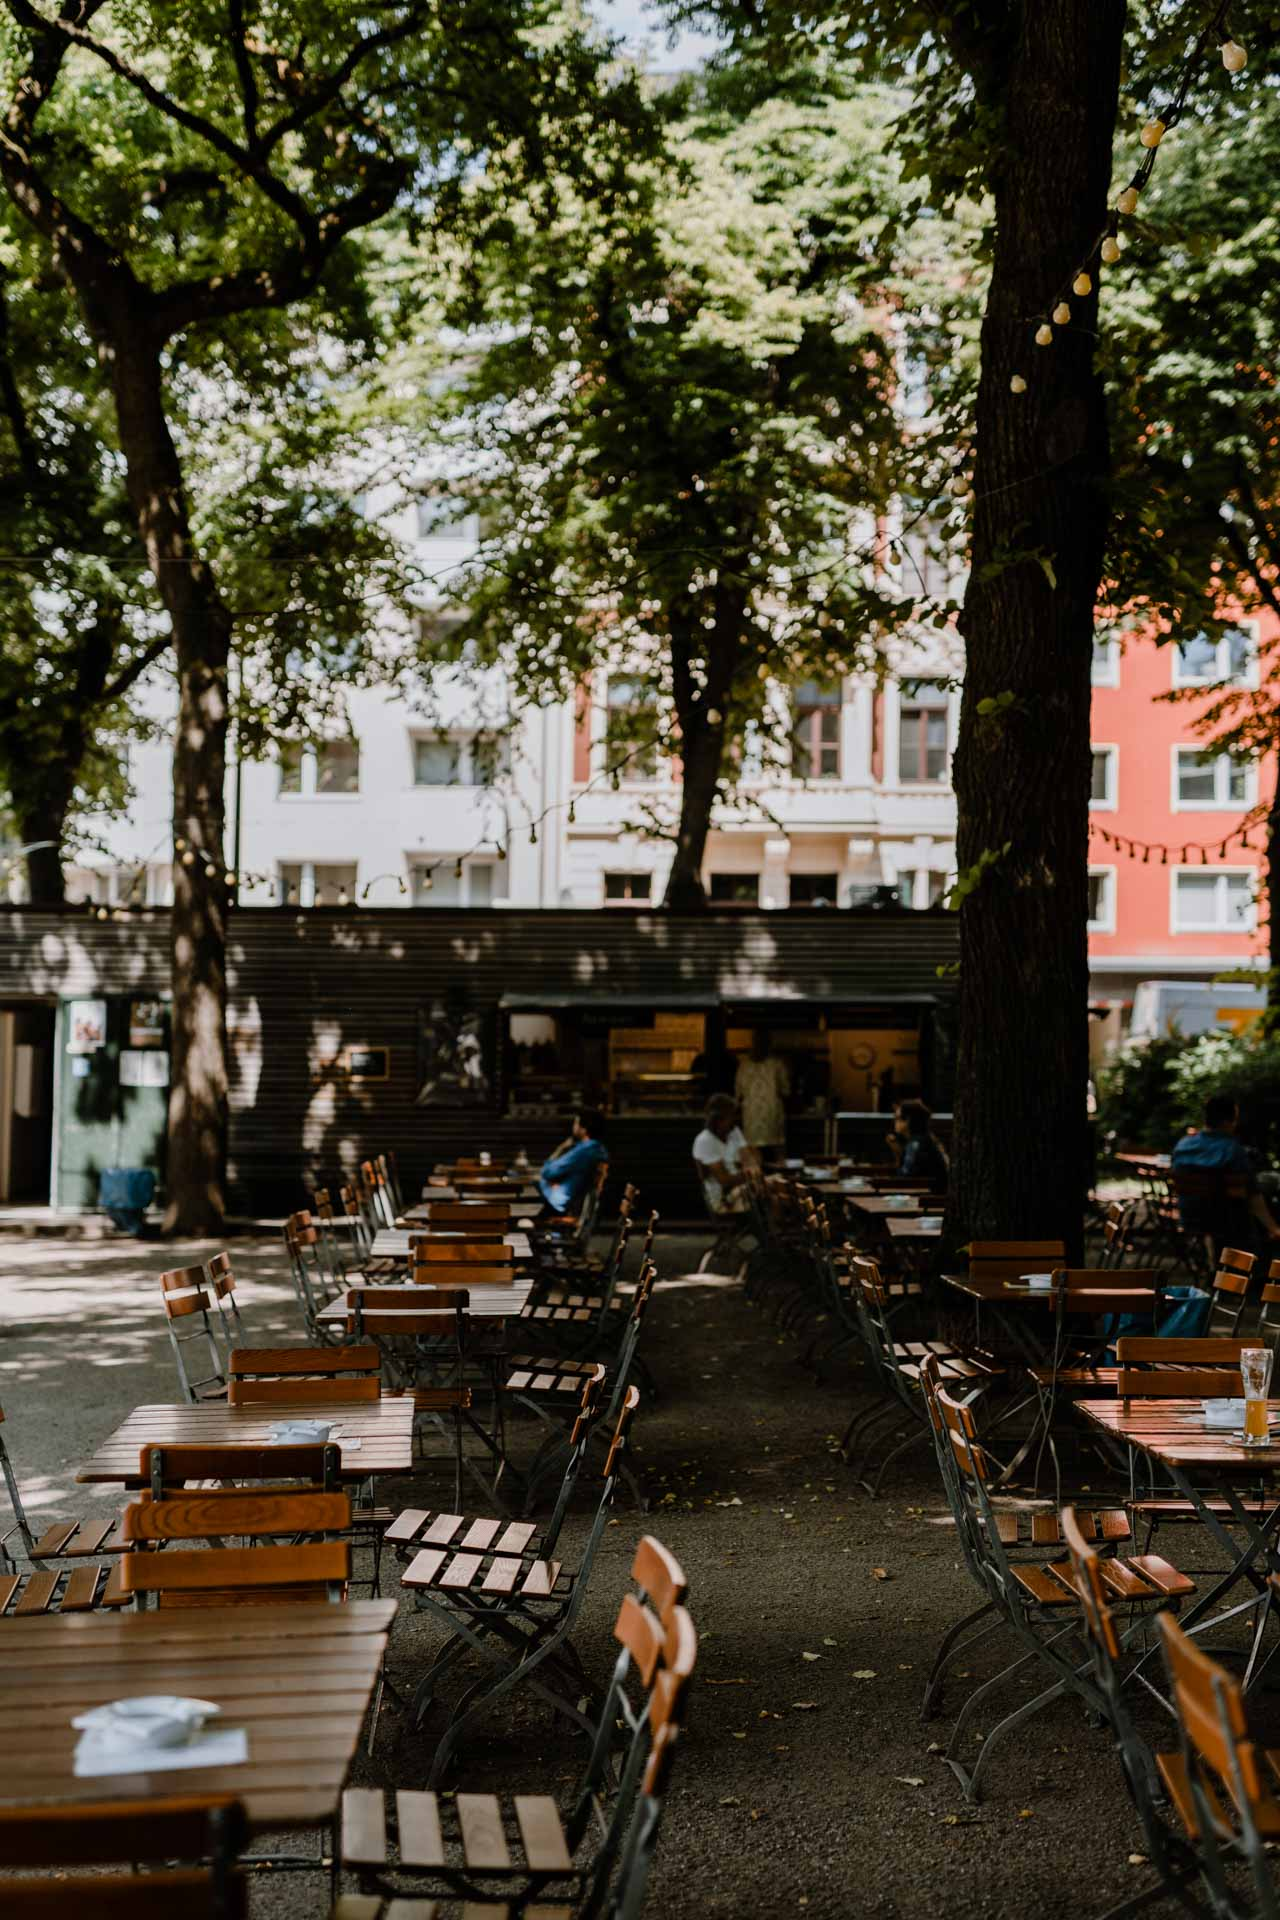 Biergärten_wearecity_koeln_julia_breuer-18.jpg